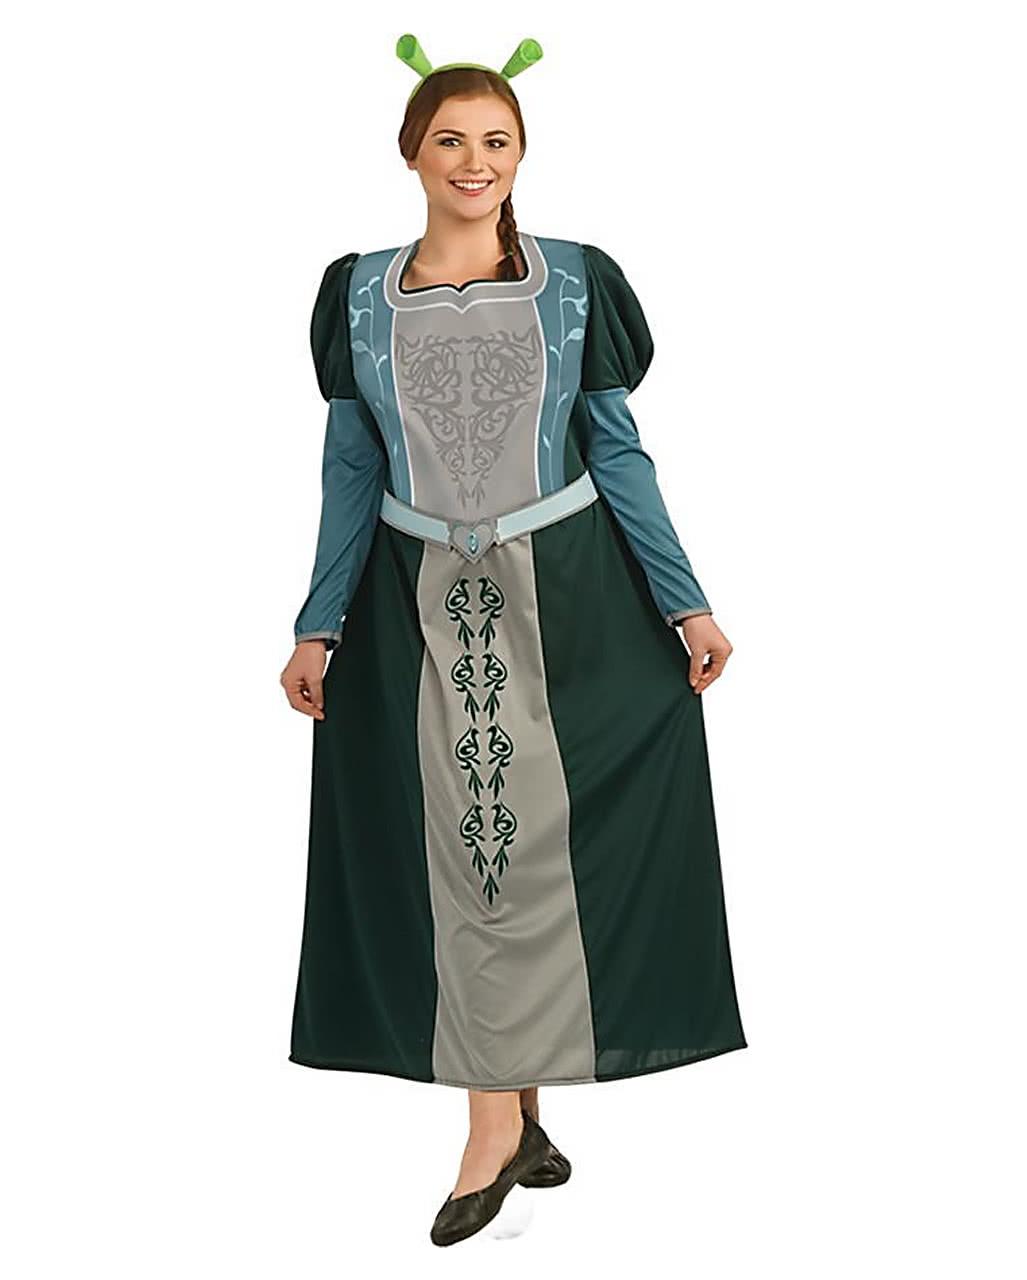 sc 1 st  Horror-Shop.com & Princess Fiona Costume Plus Size For Halloween | horror-shop.com